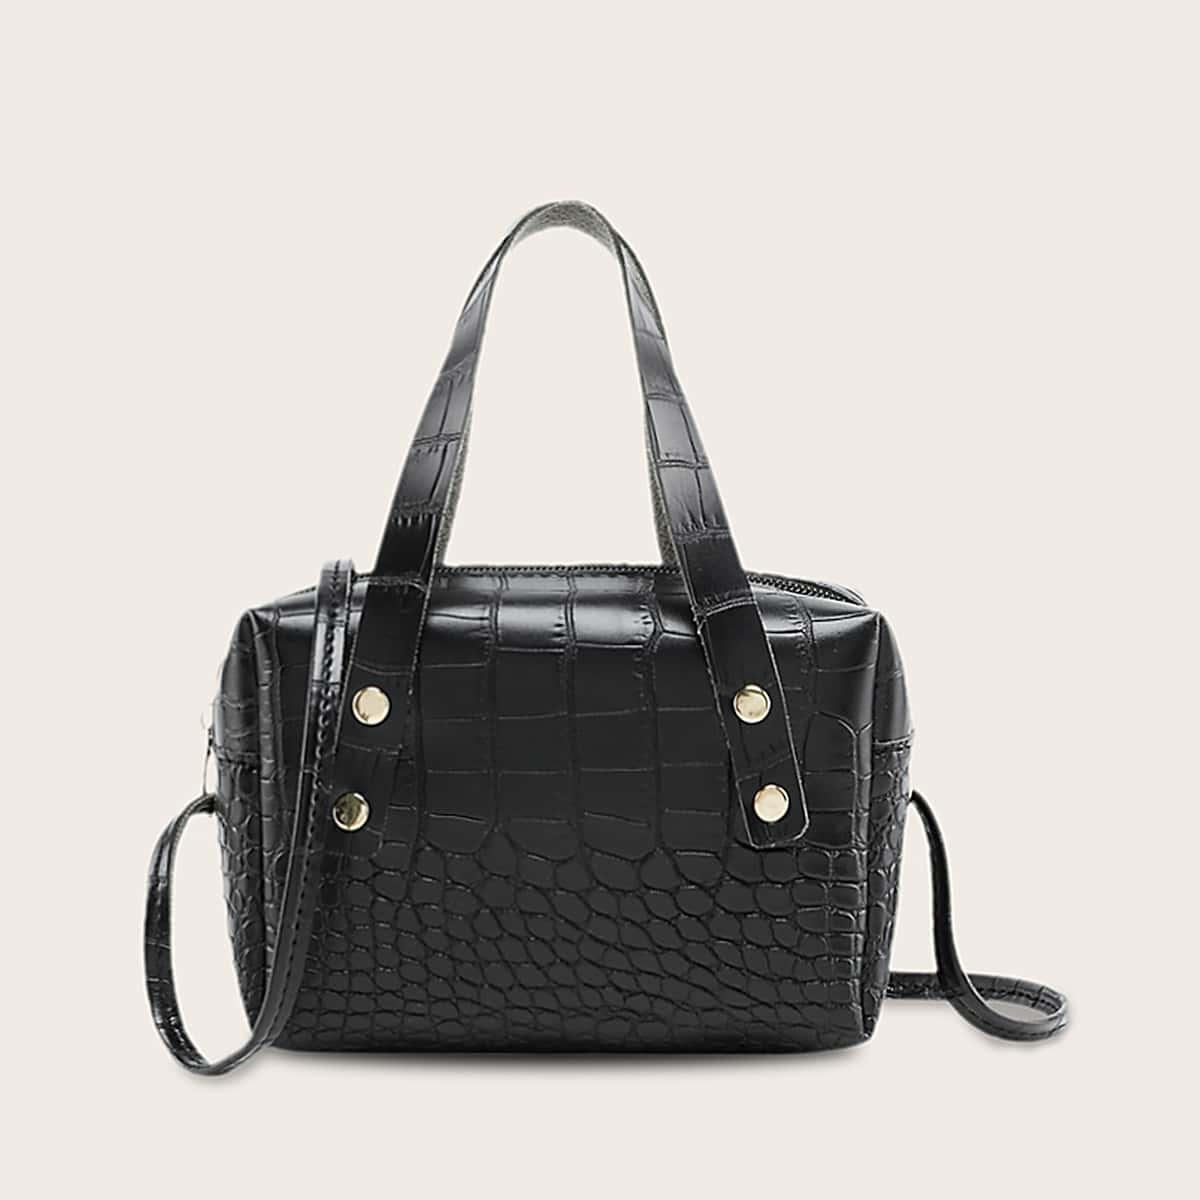 Satchel-tas met crocprint voor meisjes